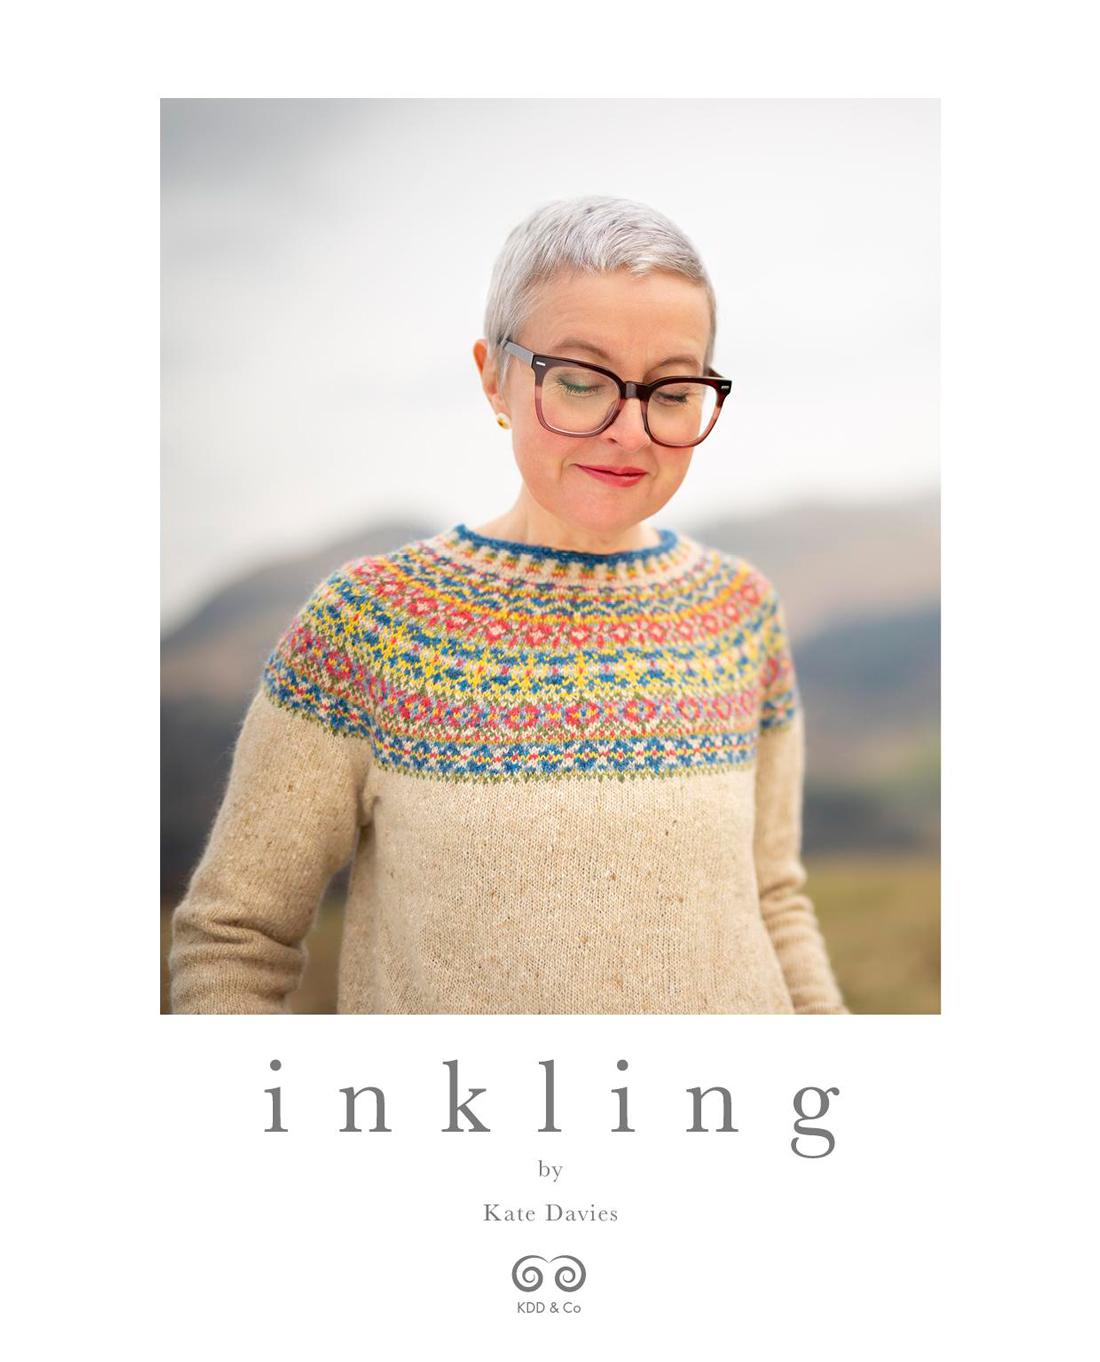 Inkling - Kate Davies verkrijgbaar bij de afstap amsterdam